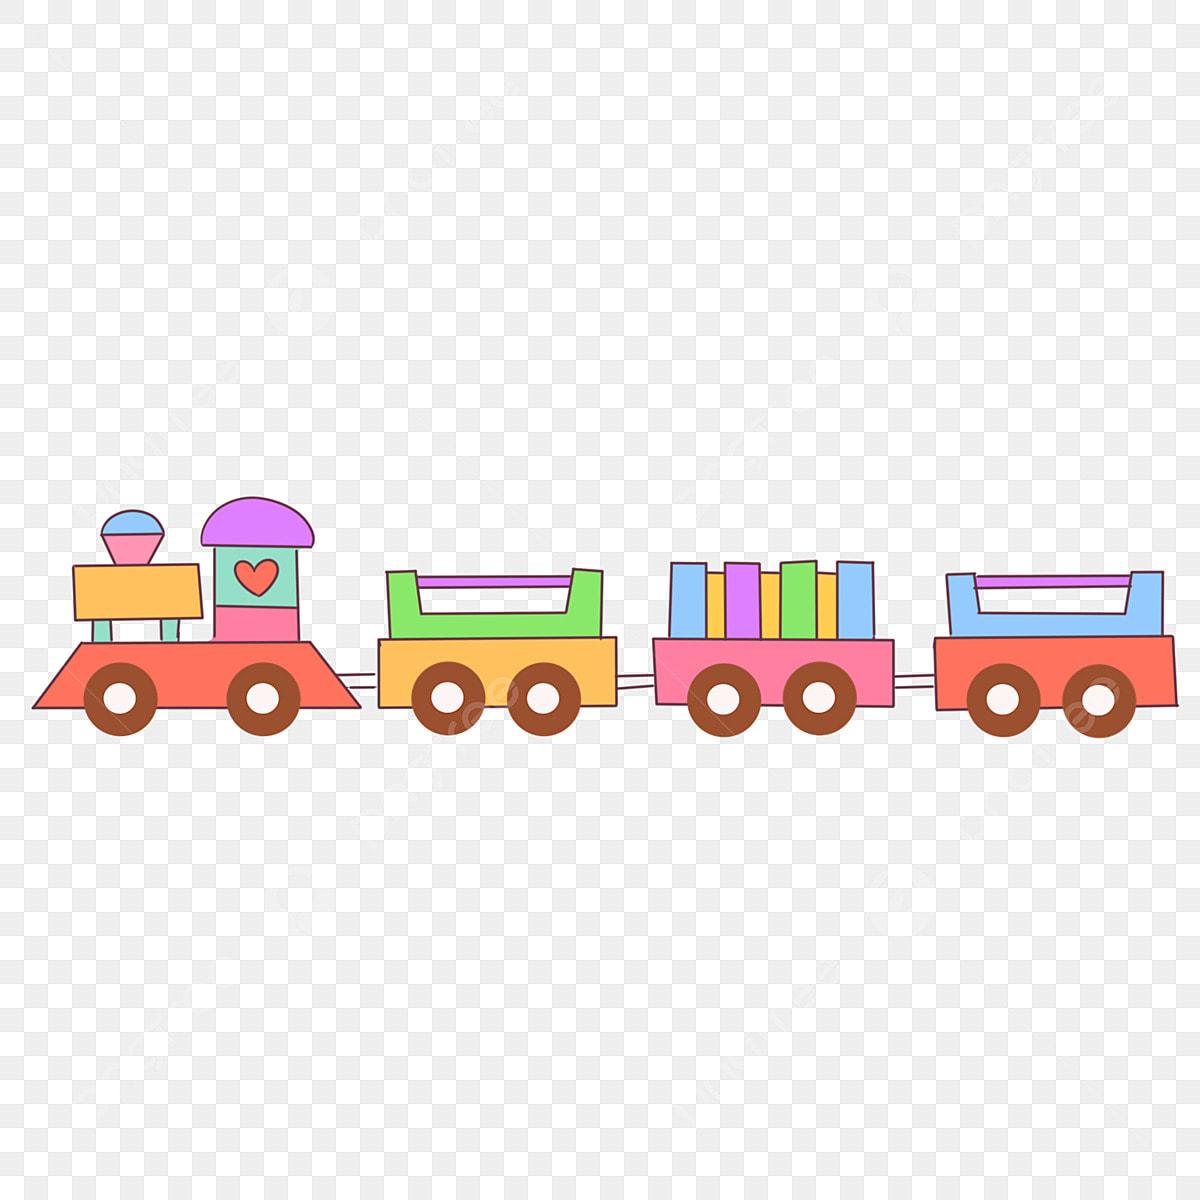 قطار ملون قطار صغير جميل قطار مرسوم باليد قطار الكرتون زخرفة قطار صغير لعبة قطار صغيرة قطار ملون Png وملف Psd للتحميل مجانا